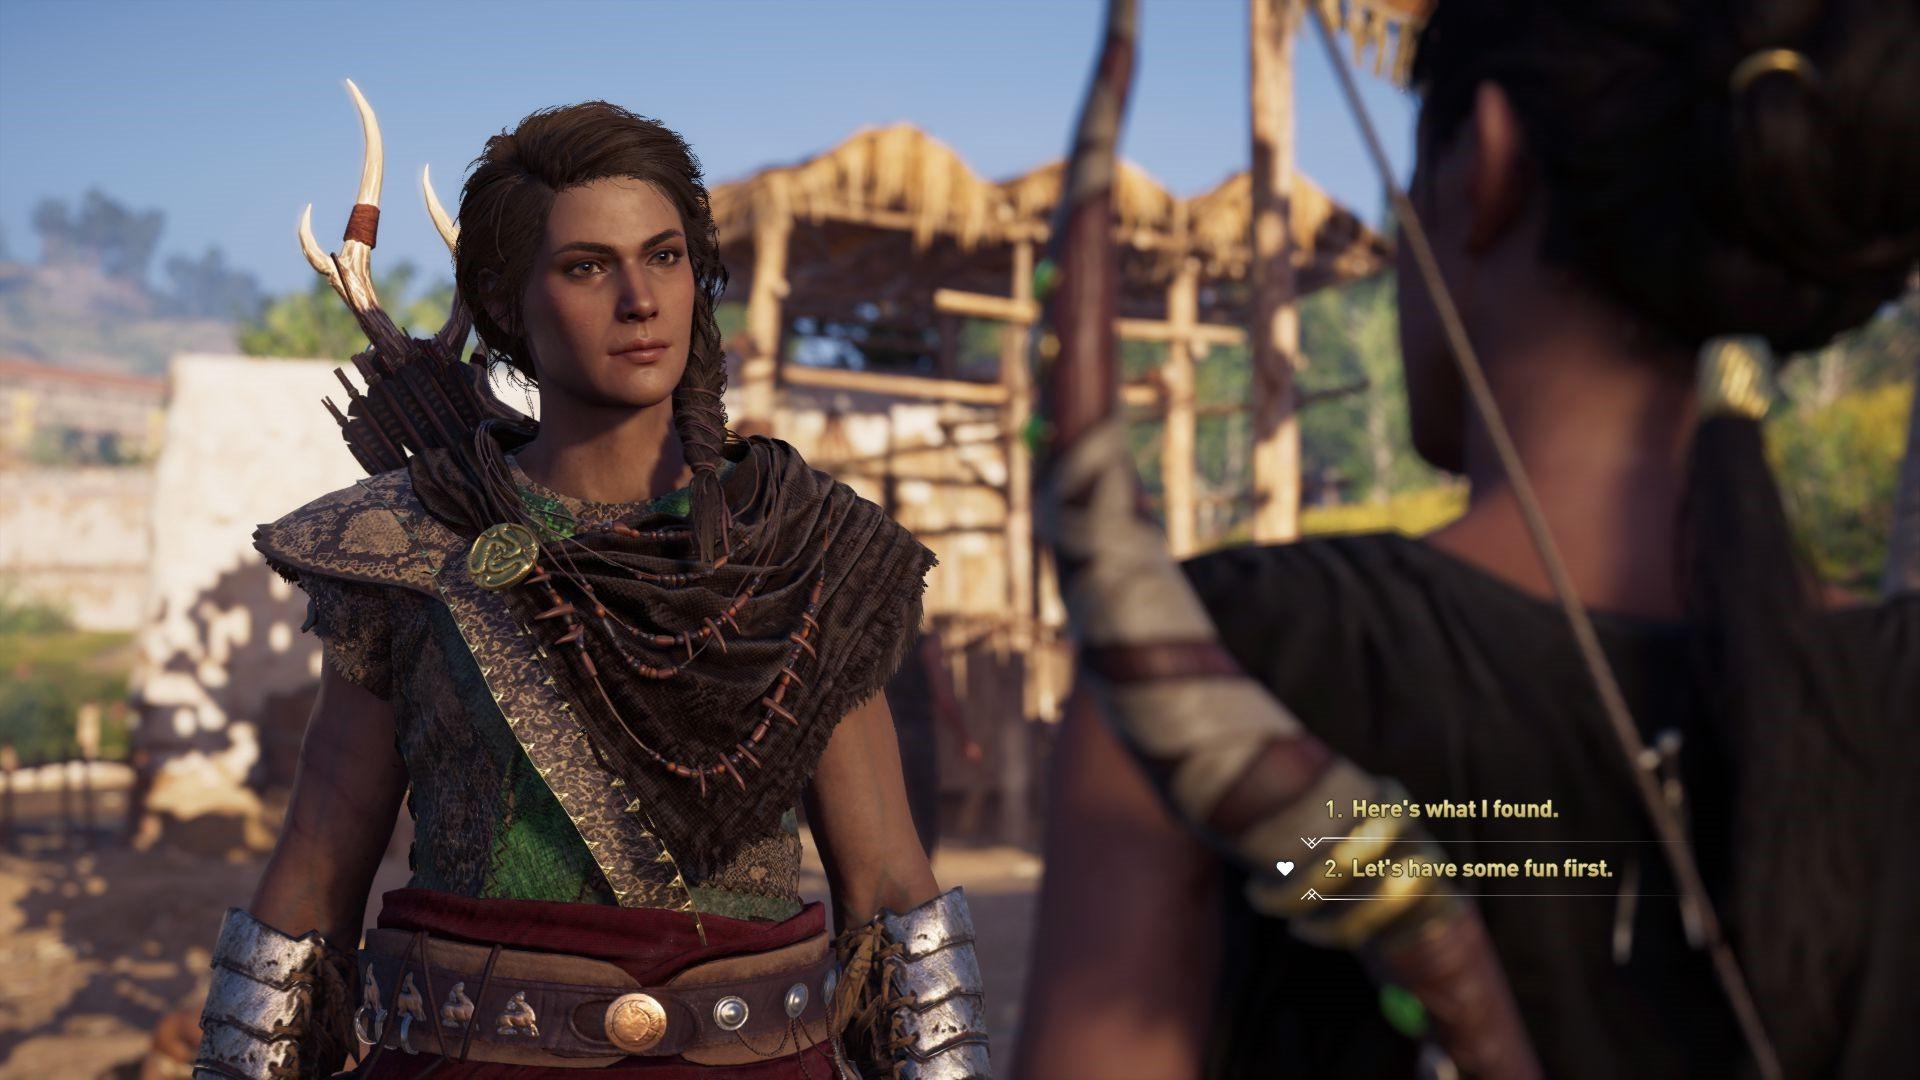 《刺客信条:奥德赛》更新发布 DLC争议结局被修改